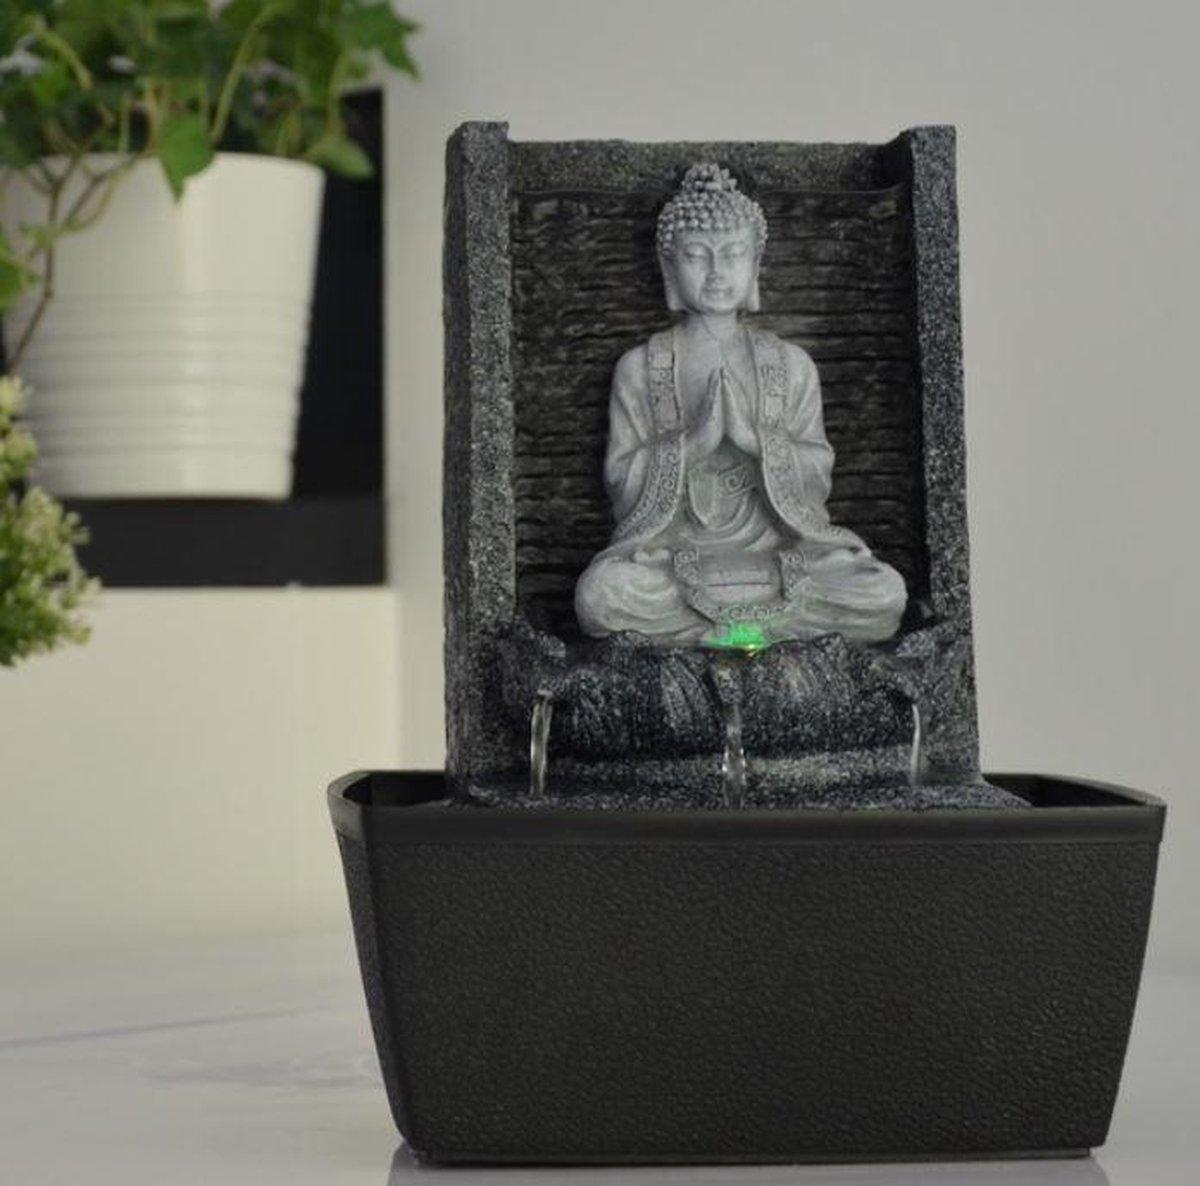 Nirvana - fontein -interieur - fontein voor binnen - relaxeer - zen - waterornament - cadeau - geschenk - relatiegeschenk - origineel - lente - zomer - lentecollectie - zomercollectie - afkoeling - koelte